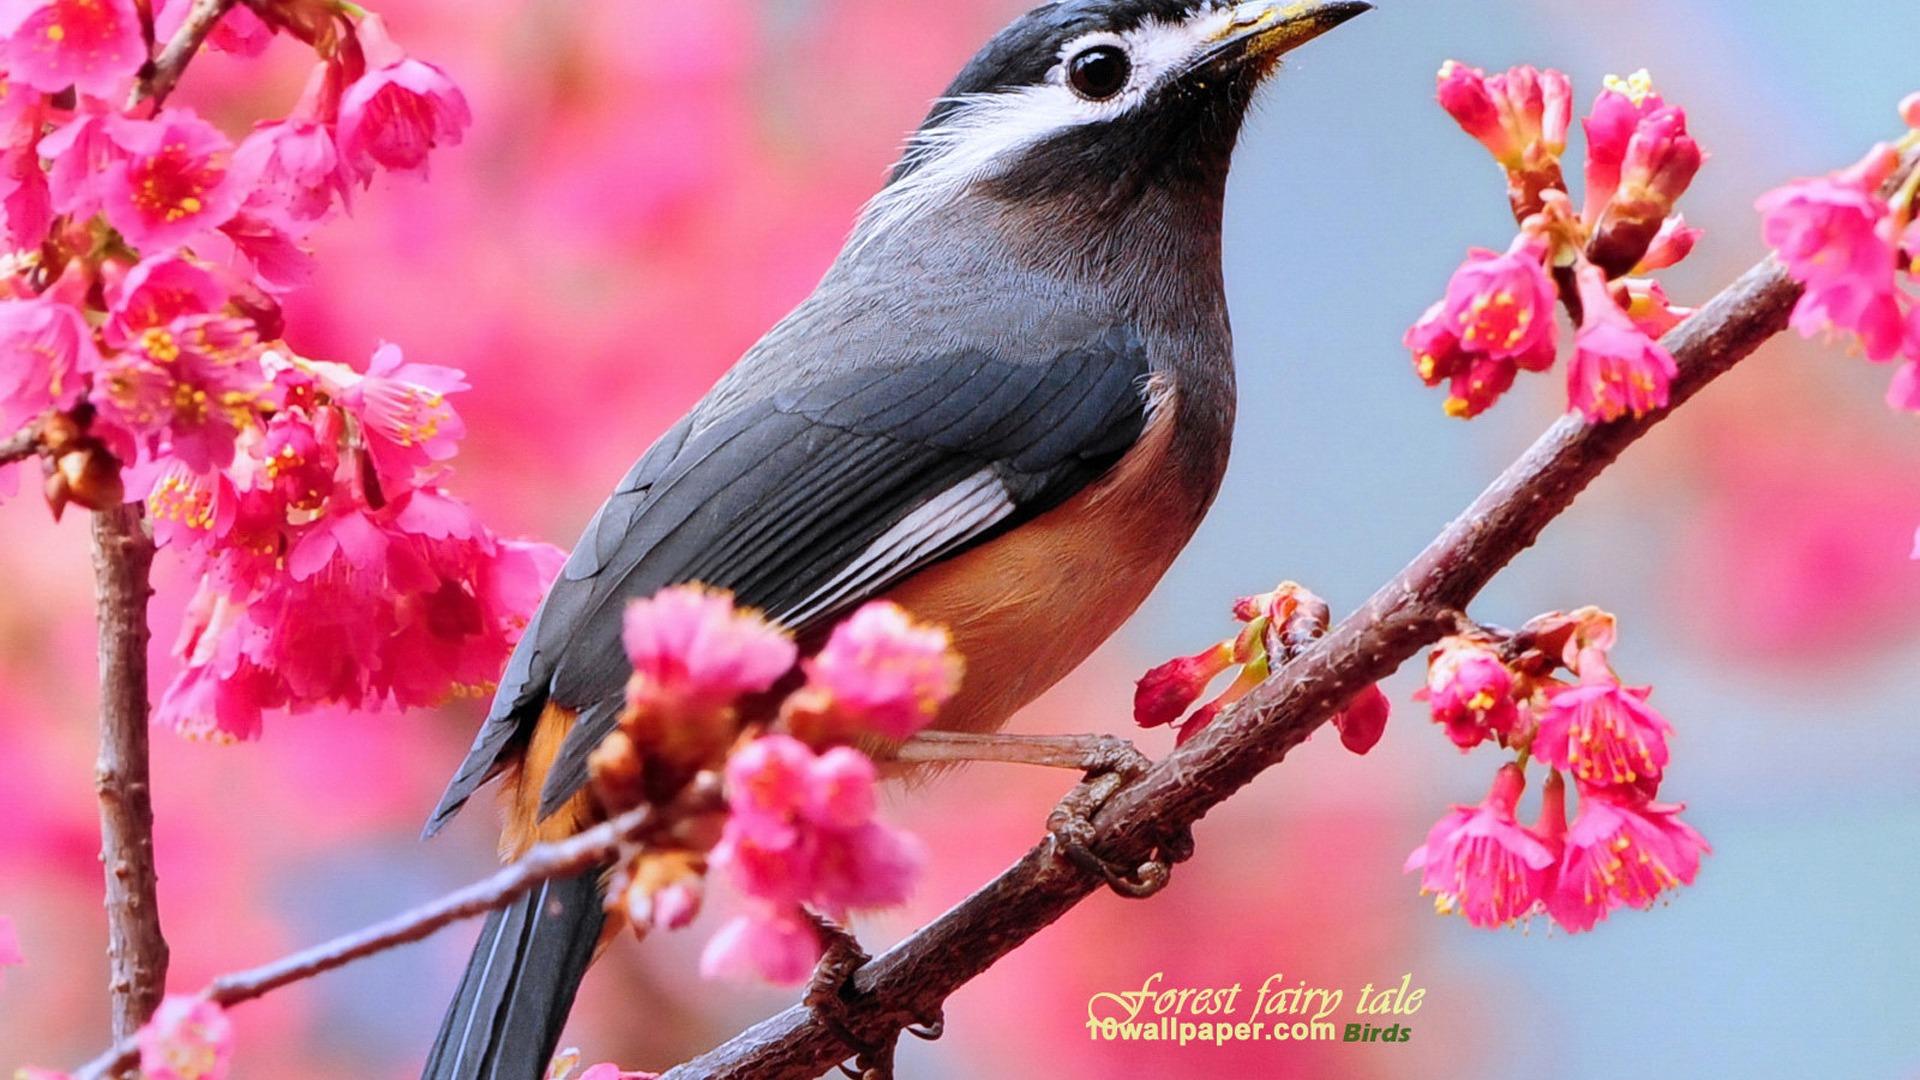 eared thrush Spring cute bird wallpaper   1920x1080 wallpaper download 1920x1080